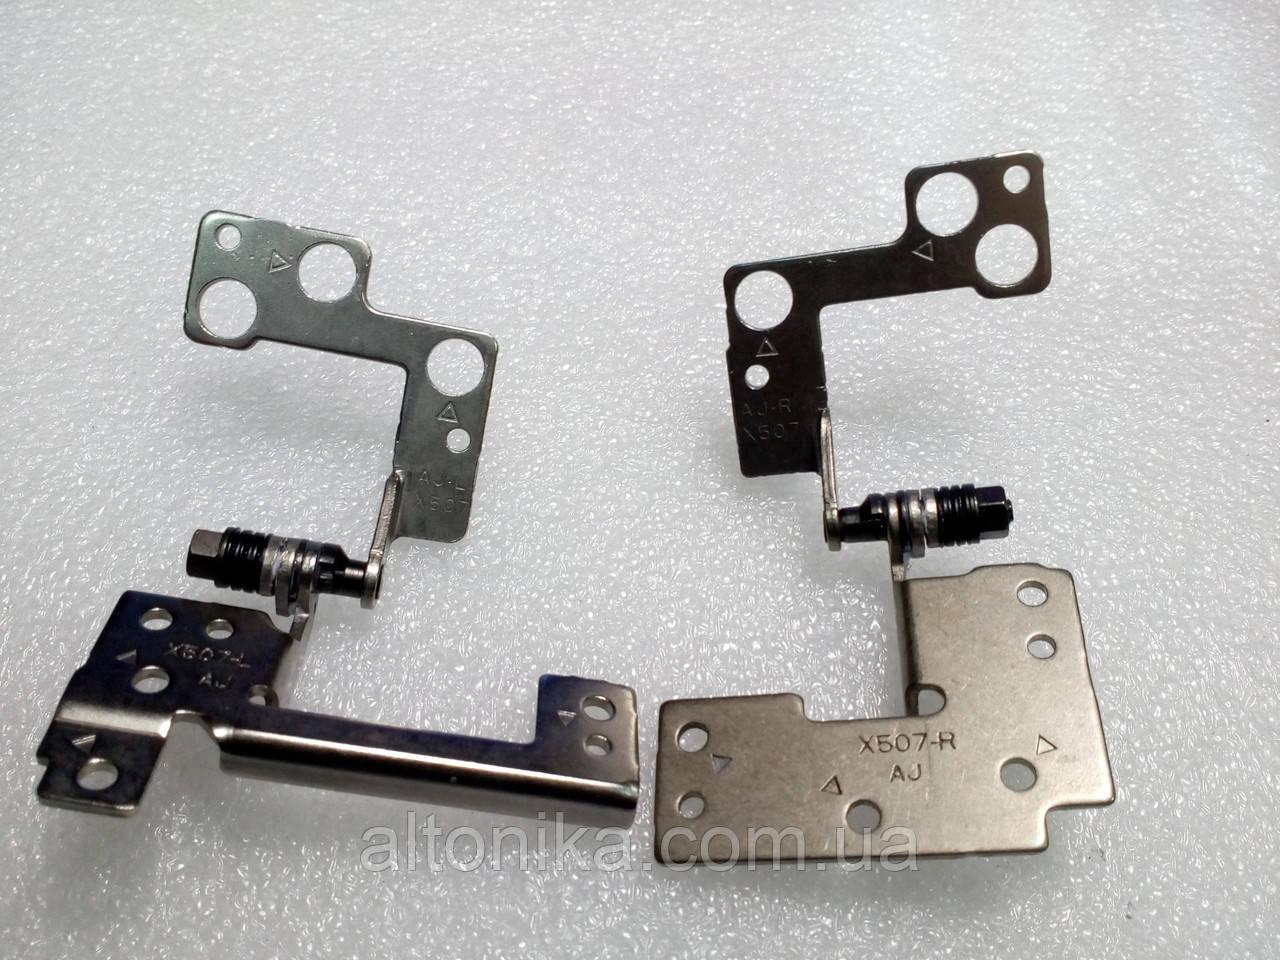 Петли для ноутбука Asus X507MA X507 (левая+правая)